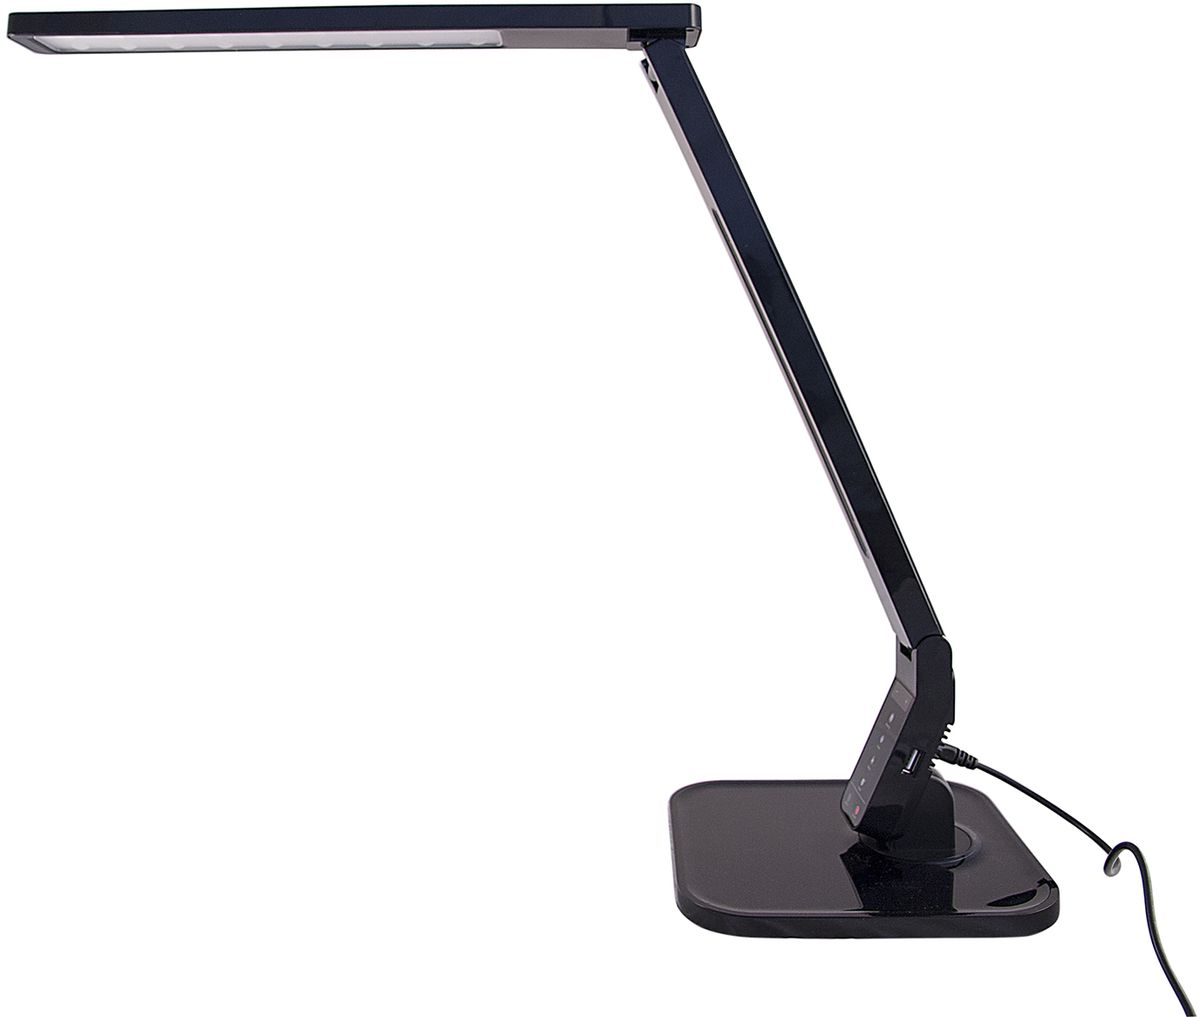 Лампа настольная Лючия Smart, светодиодная, цвет: черный, 11W. L7004606400105442Светодиодный настольный светильник модель L700 Smart. Предназначен для местного освещения внутри помещений. Напряжение сети 230 В, частота 50 Гц. Цветопередача Ra > 90.- USB-разъем для подзарядки 5 В 1.5 А- Cенсорное управление- 4 режима. Цветовая температура света в диапазоне от 2700 до 6600 К- Дискретное изменение яркости свечения (5 уровней)- Запоминание выбранного уровня яркости в каждом режимеИсточник света: SMD светодиоды, 27 шт.Регулировка направления светаКнопки: уменьшение/увеличение яркостиКнопка: режим чтениеКнопка: режим учебаКнопка: режим релаксацияКнопка: режим сонКнопка: таймер на 60 минКнопка: включение/ выключениеUSB-разъем для зарядкиРазъем для адаптера для сети 230 В